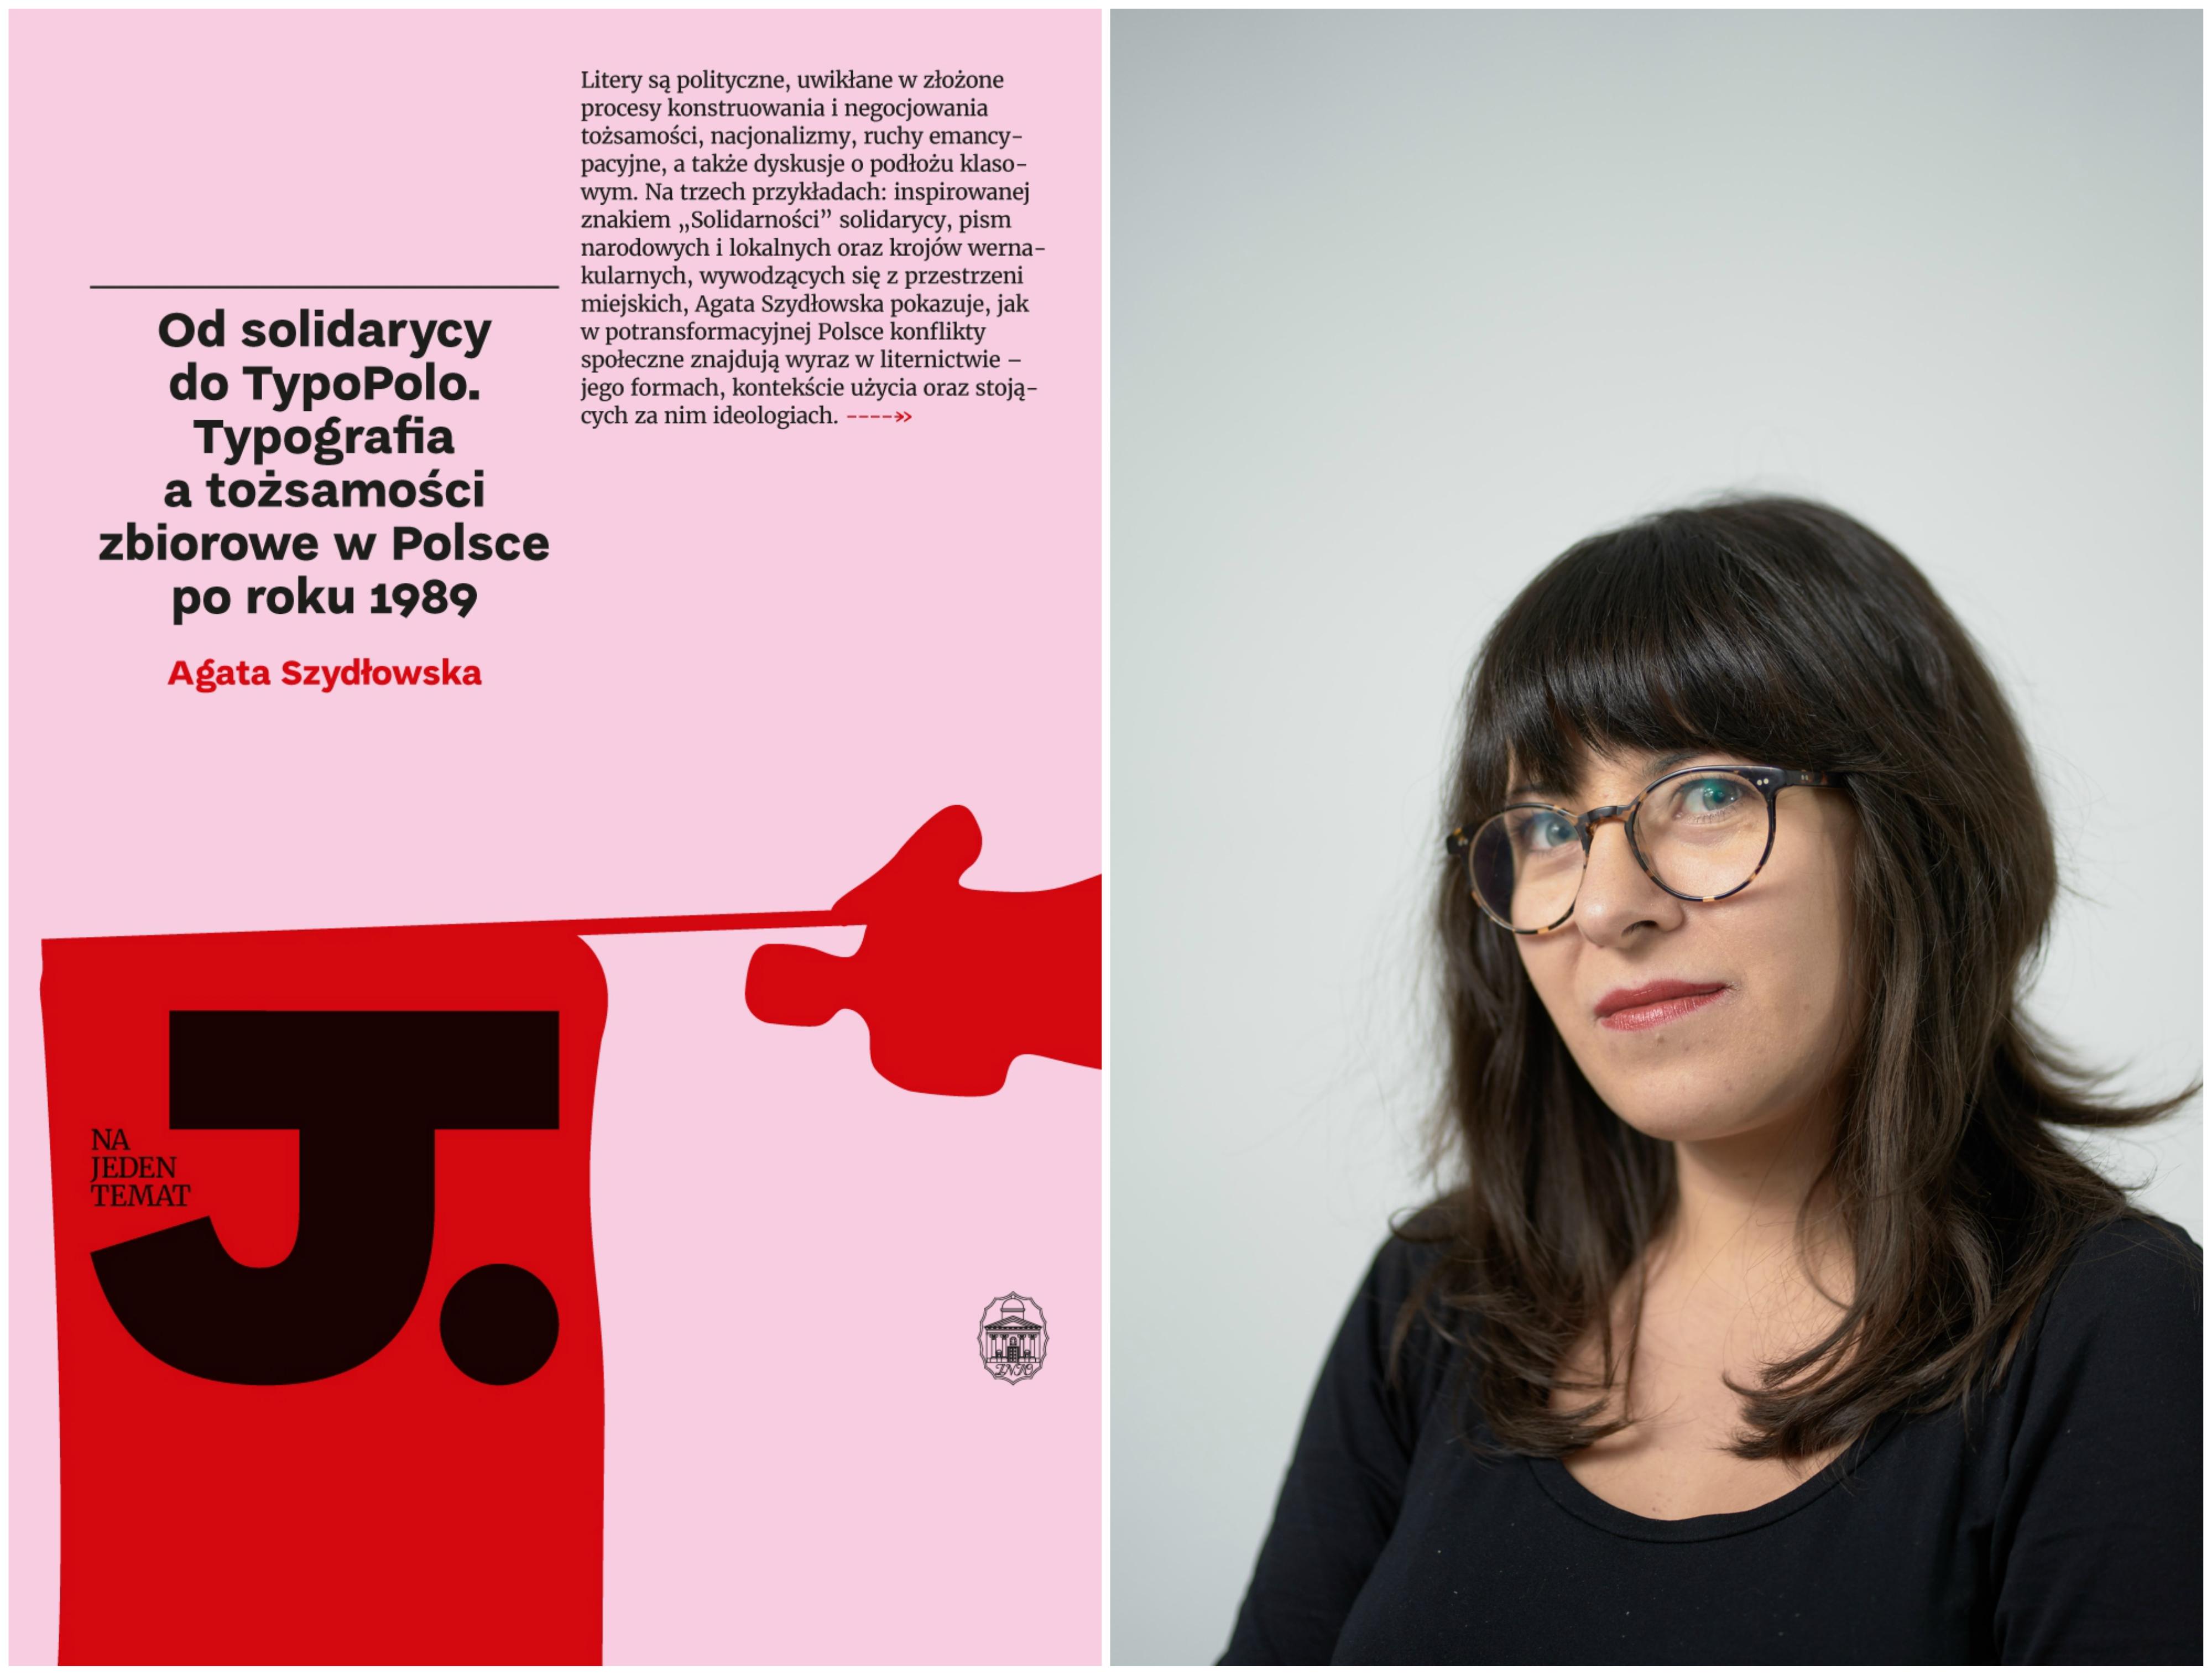 Książka Agaty Szydłowskiej 'Od solidarycy do TypoPolo. Typografia a tożsamości zbiorowe w Polsce po roku 1989' ukazała się nakładem Wydawnictwa Ossolineum (fot. materiały prasowe)